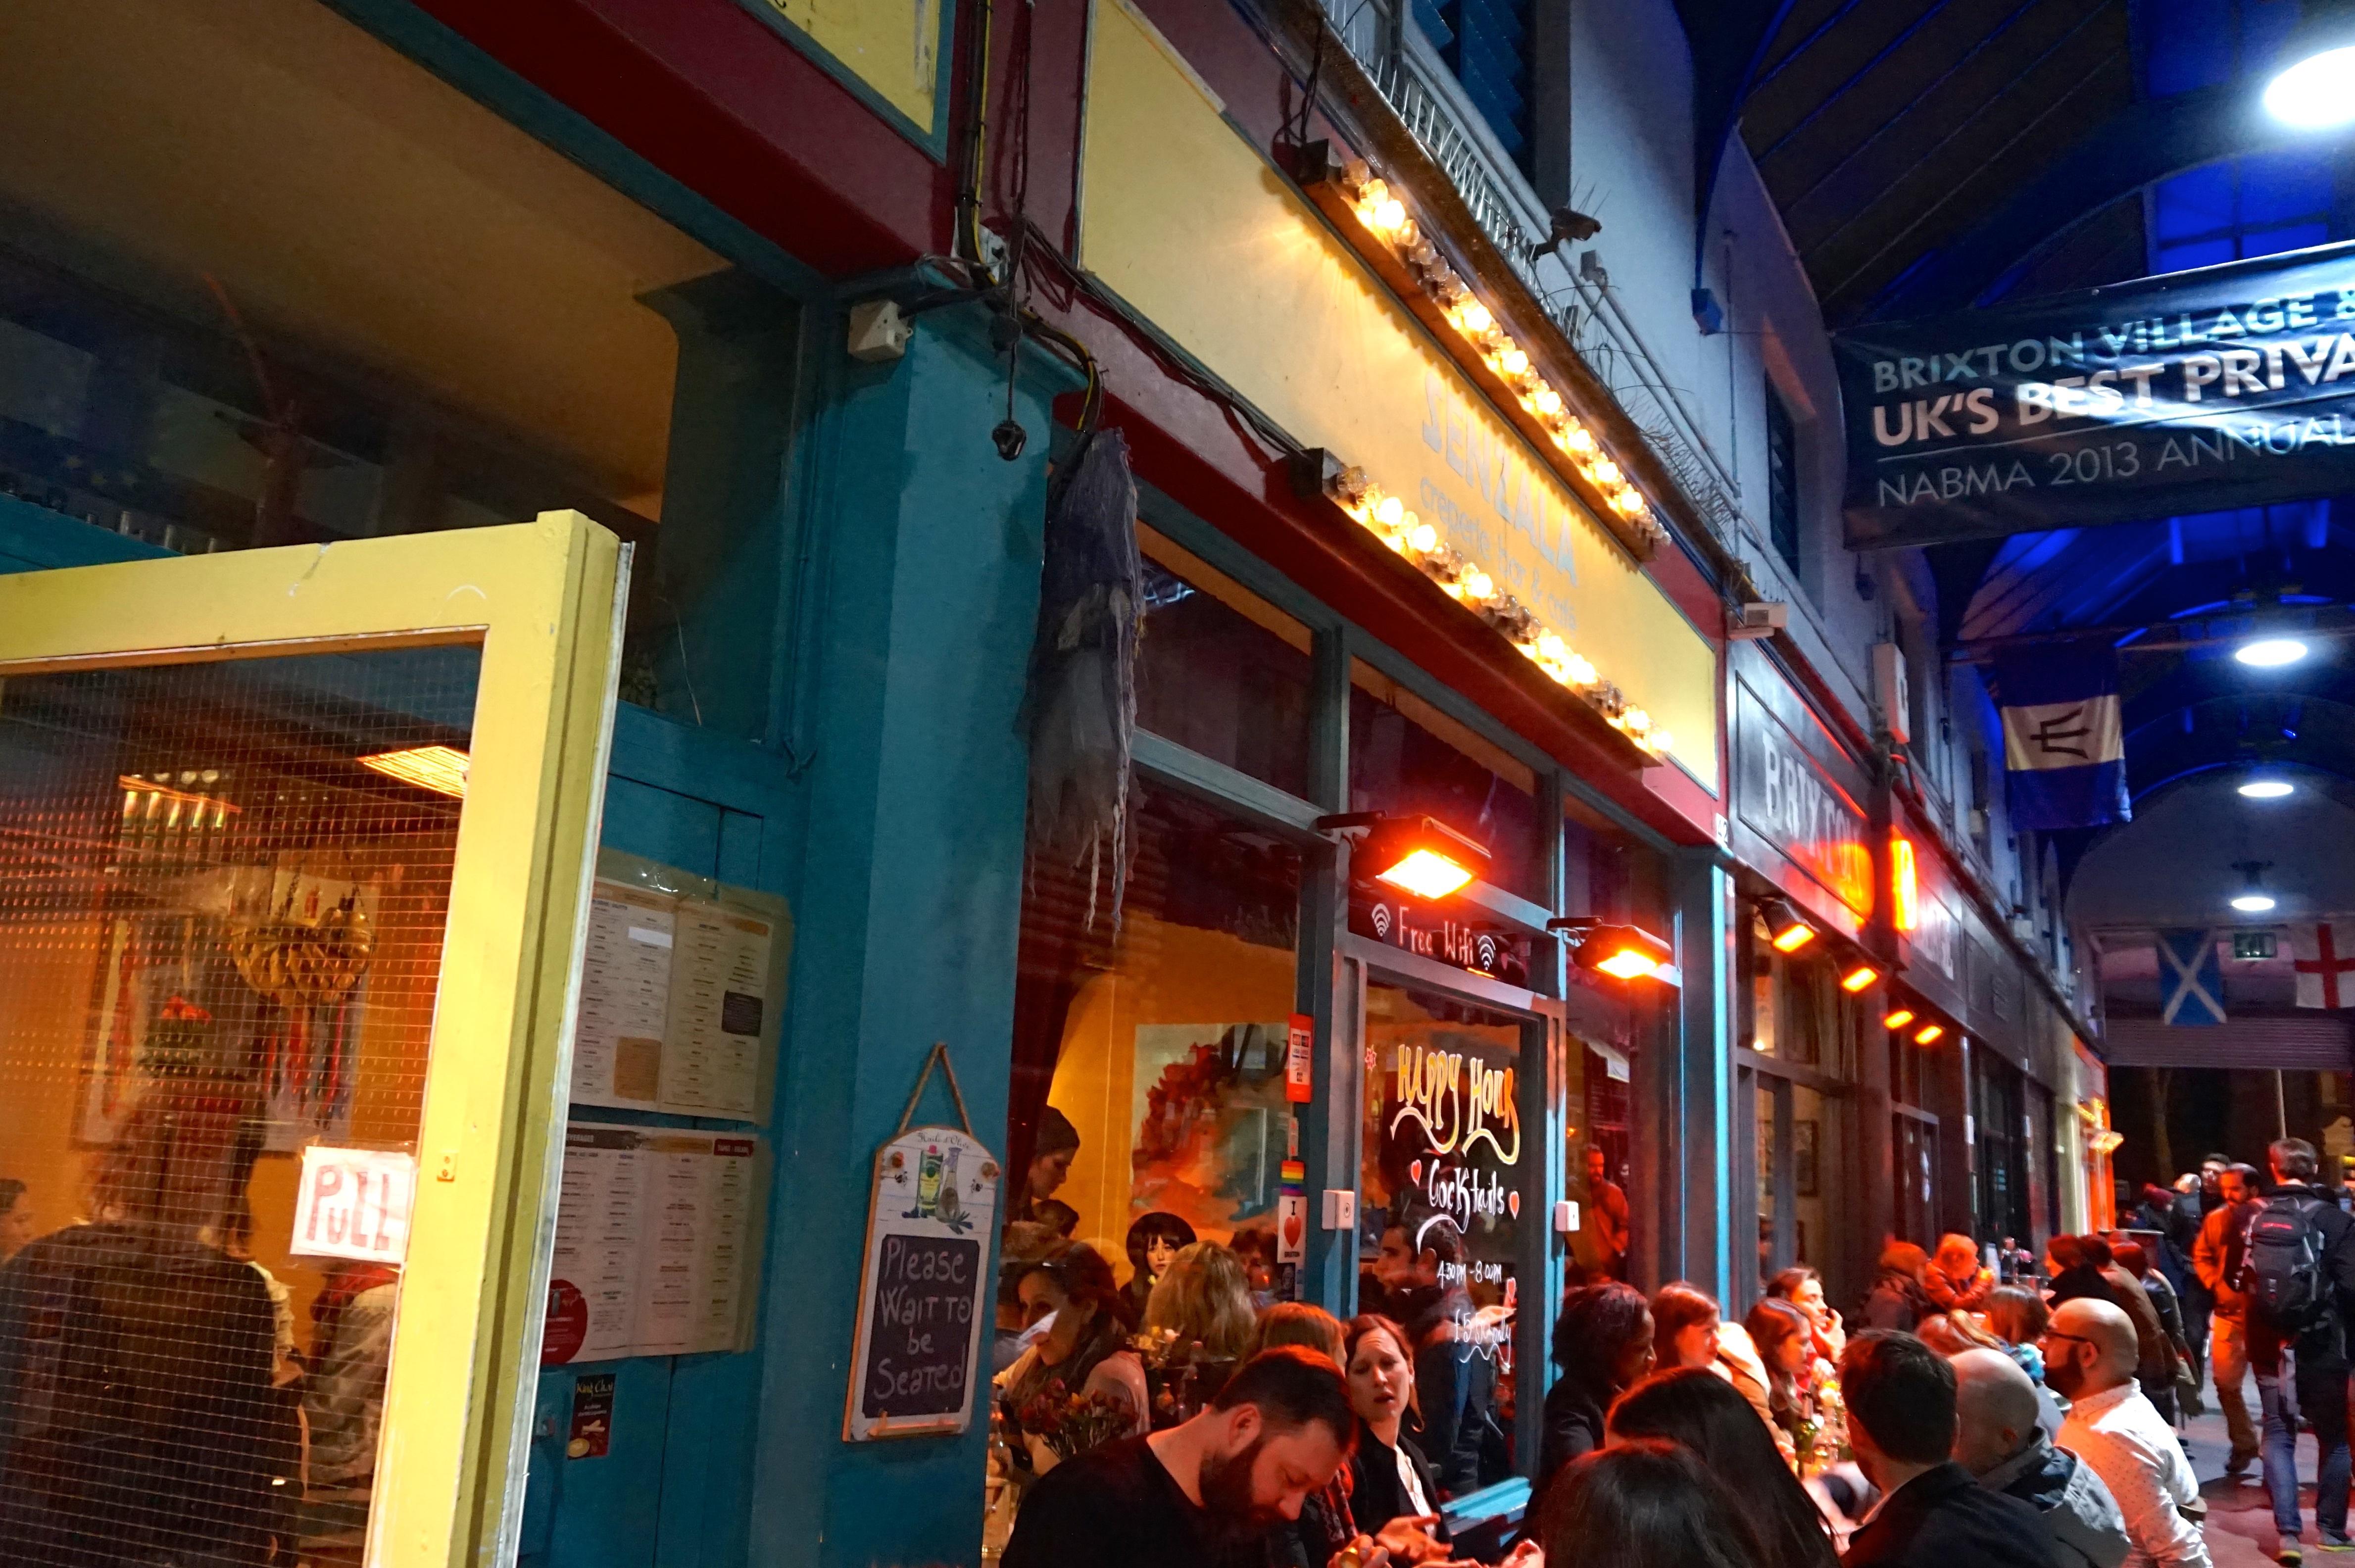 Brixton Market 7